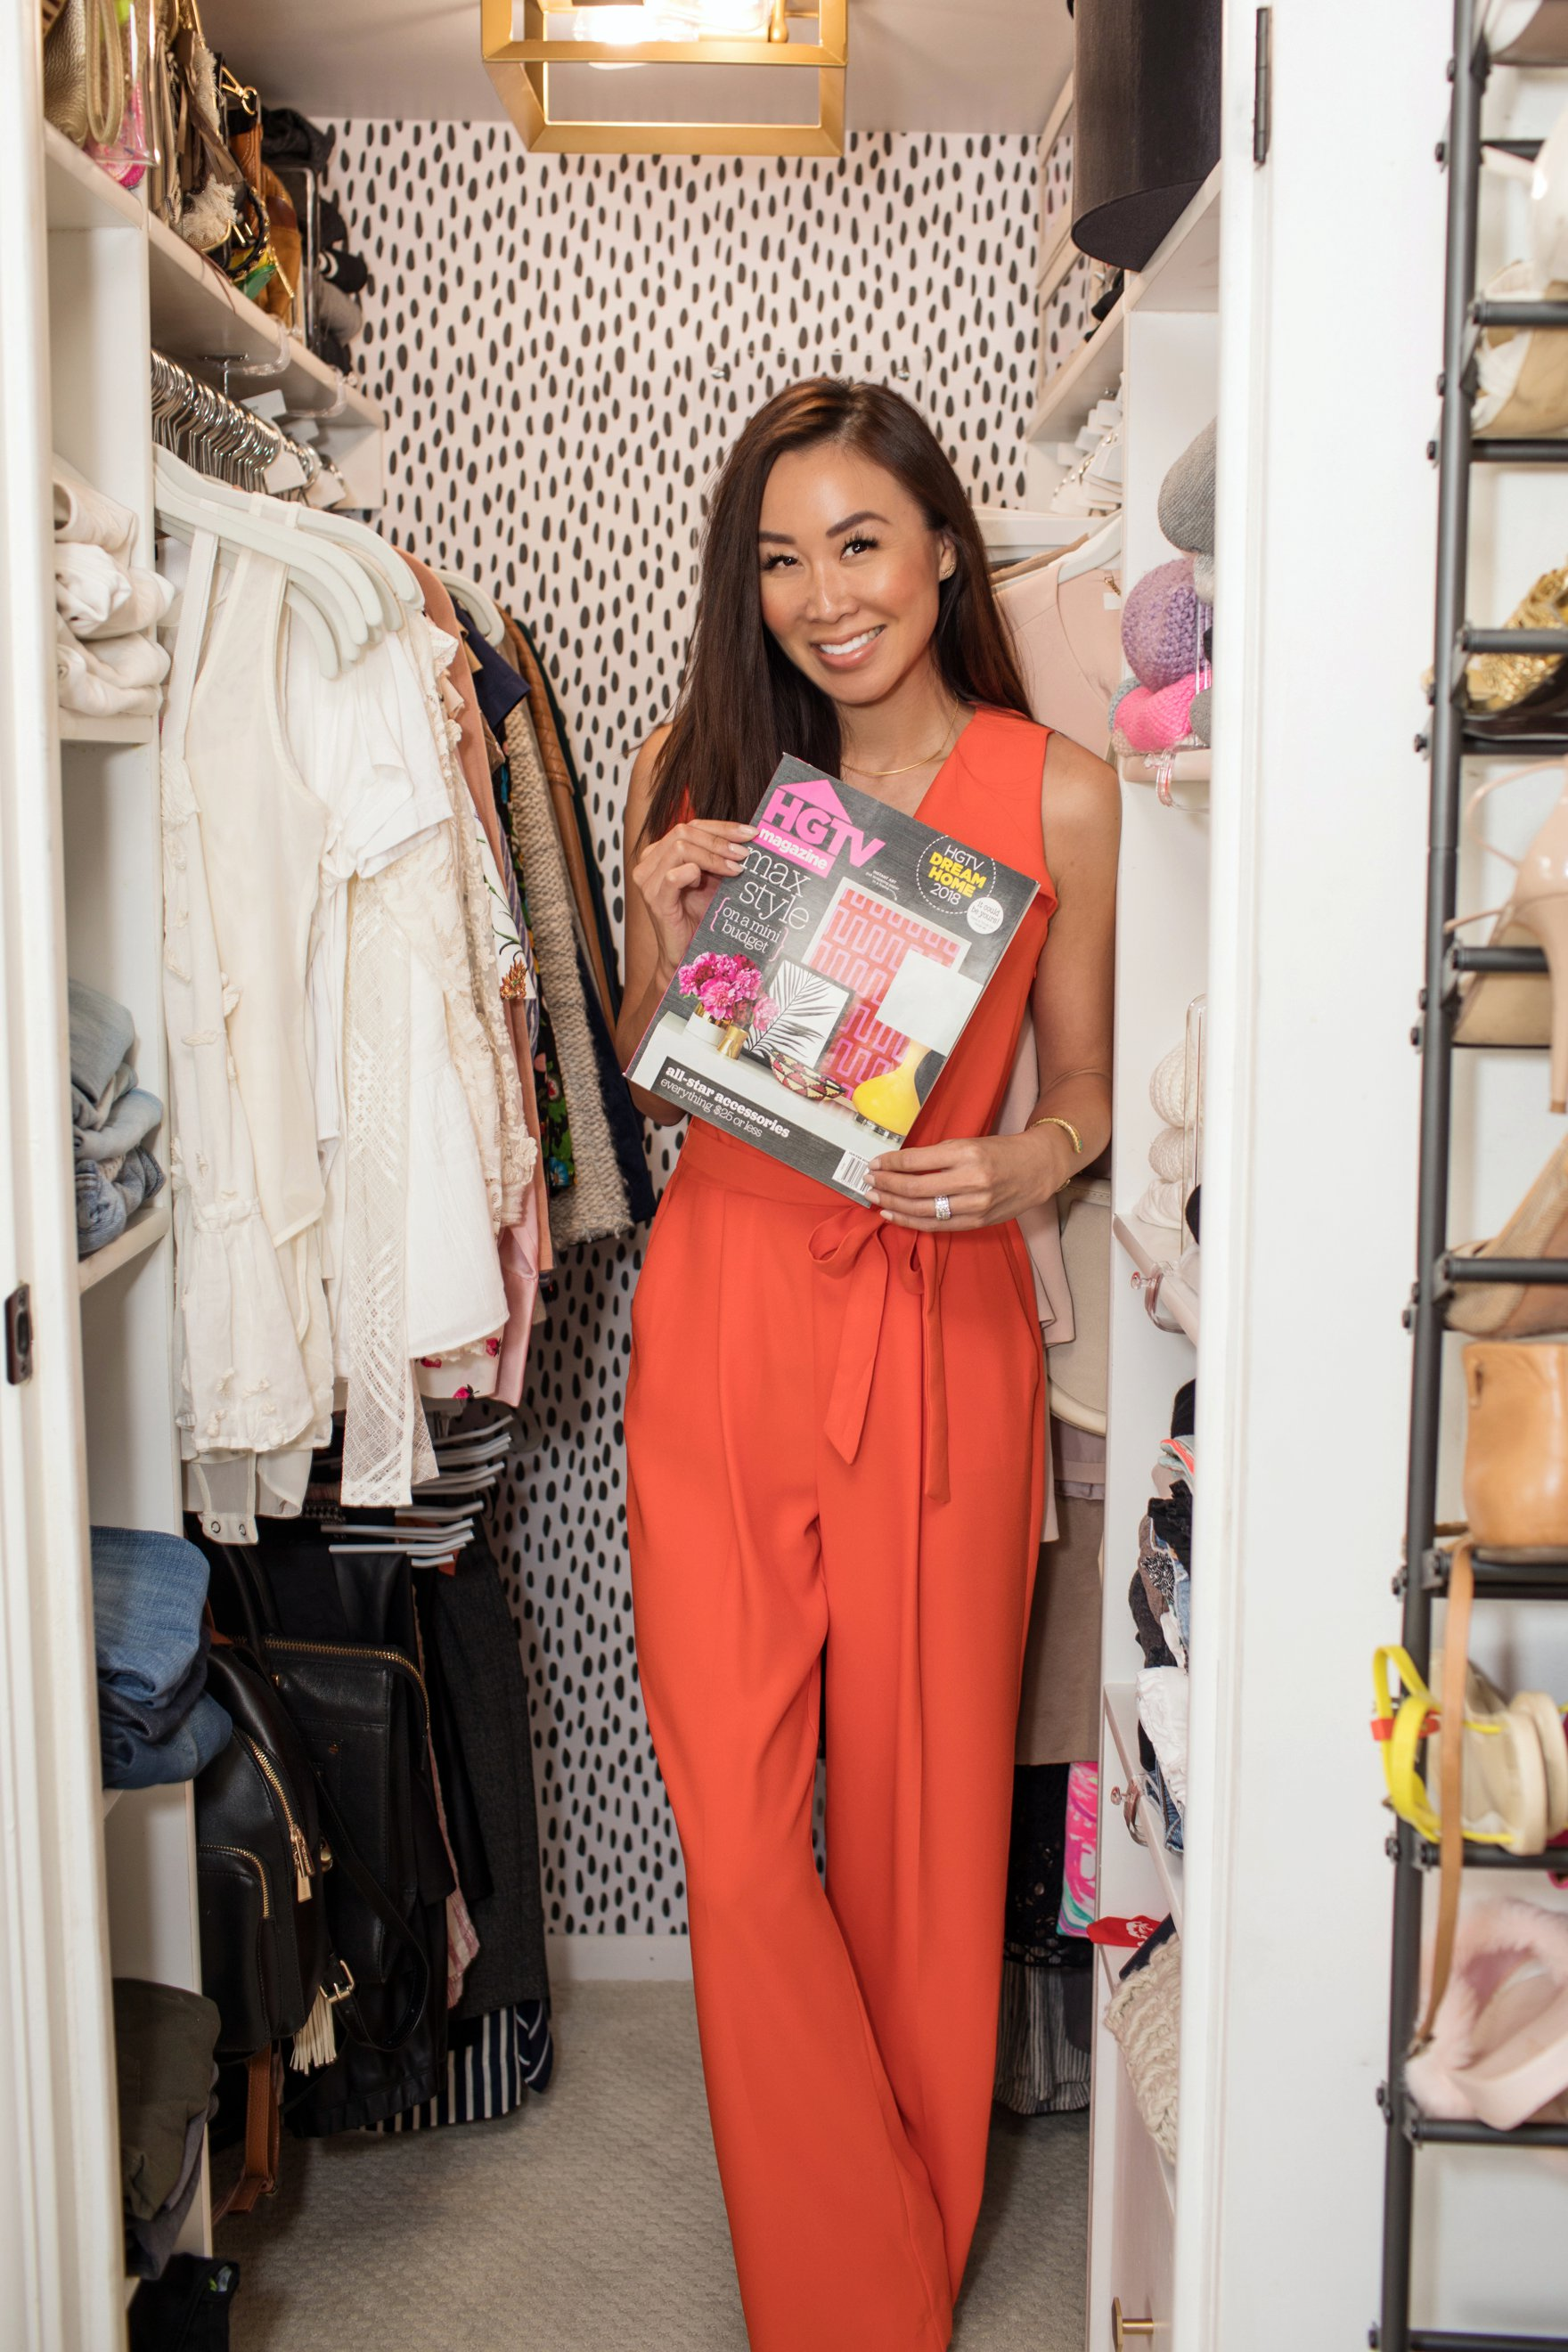 Diana Elizabeth blogger in tiny closet makeover featured in HGTV magazine // closet tour